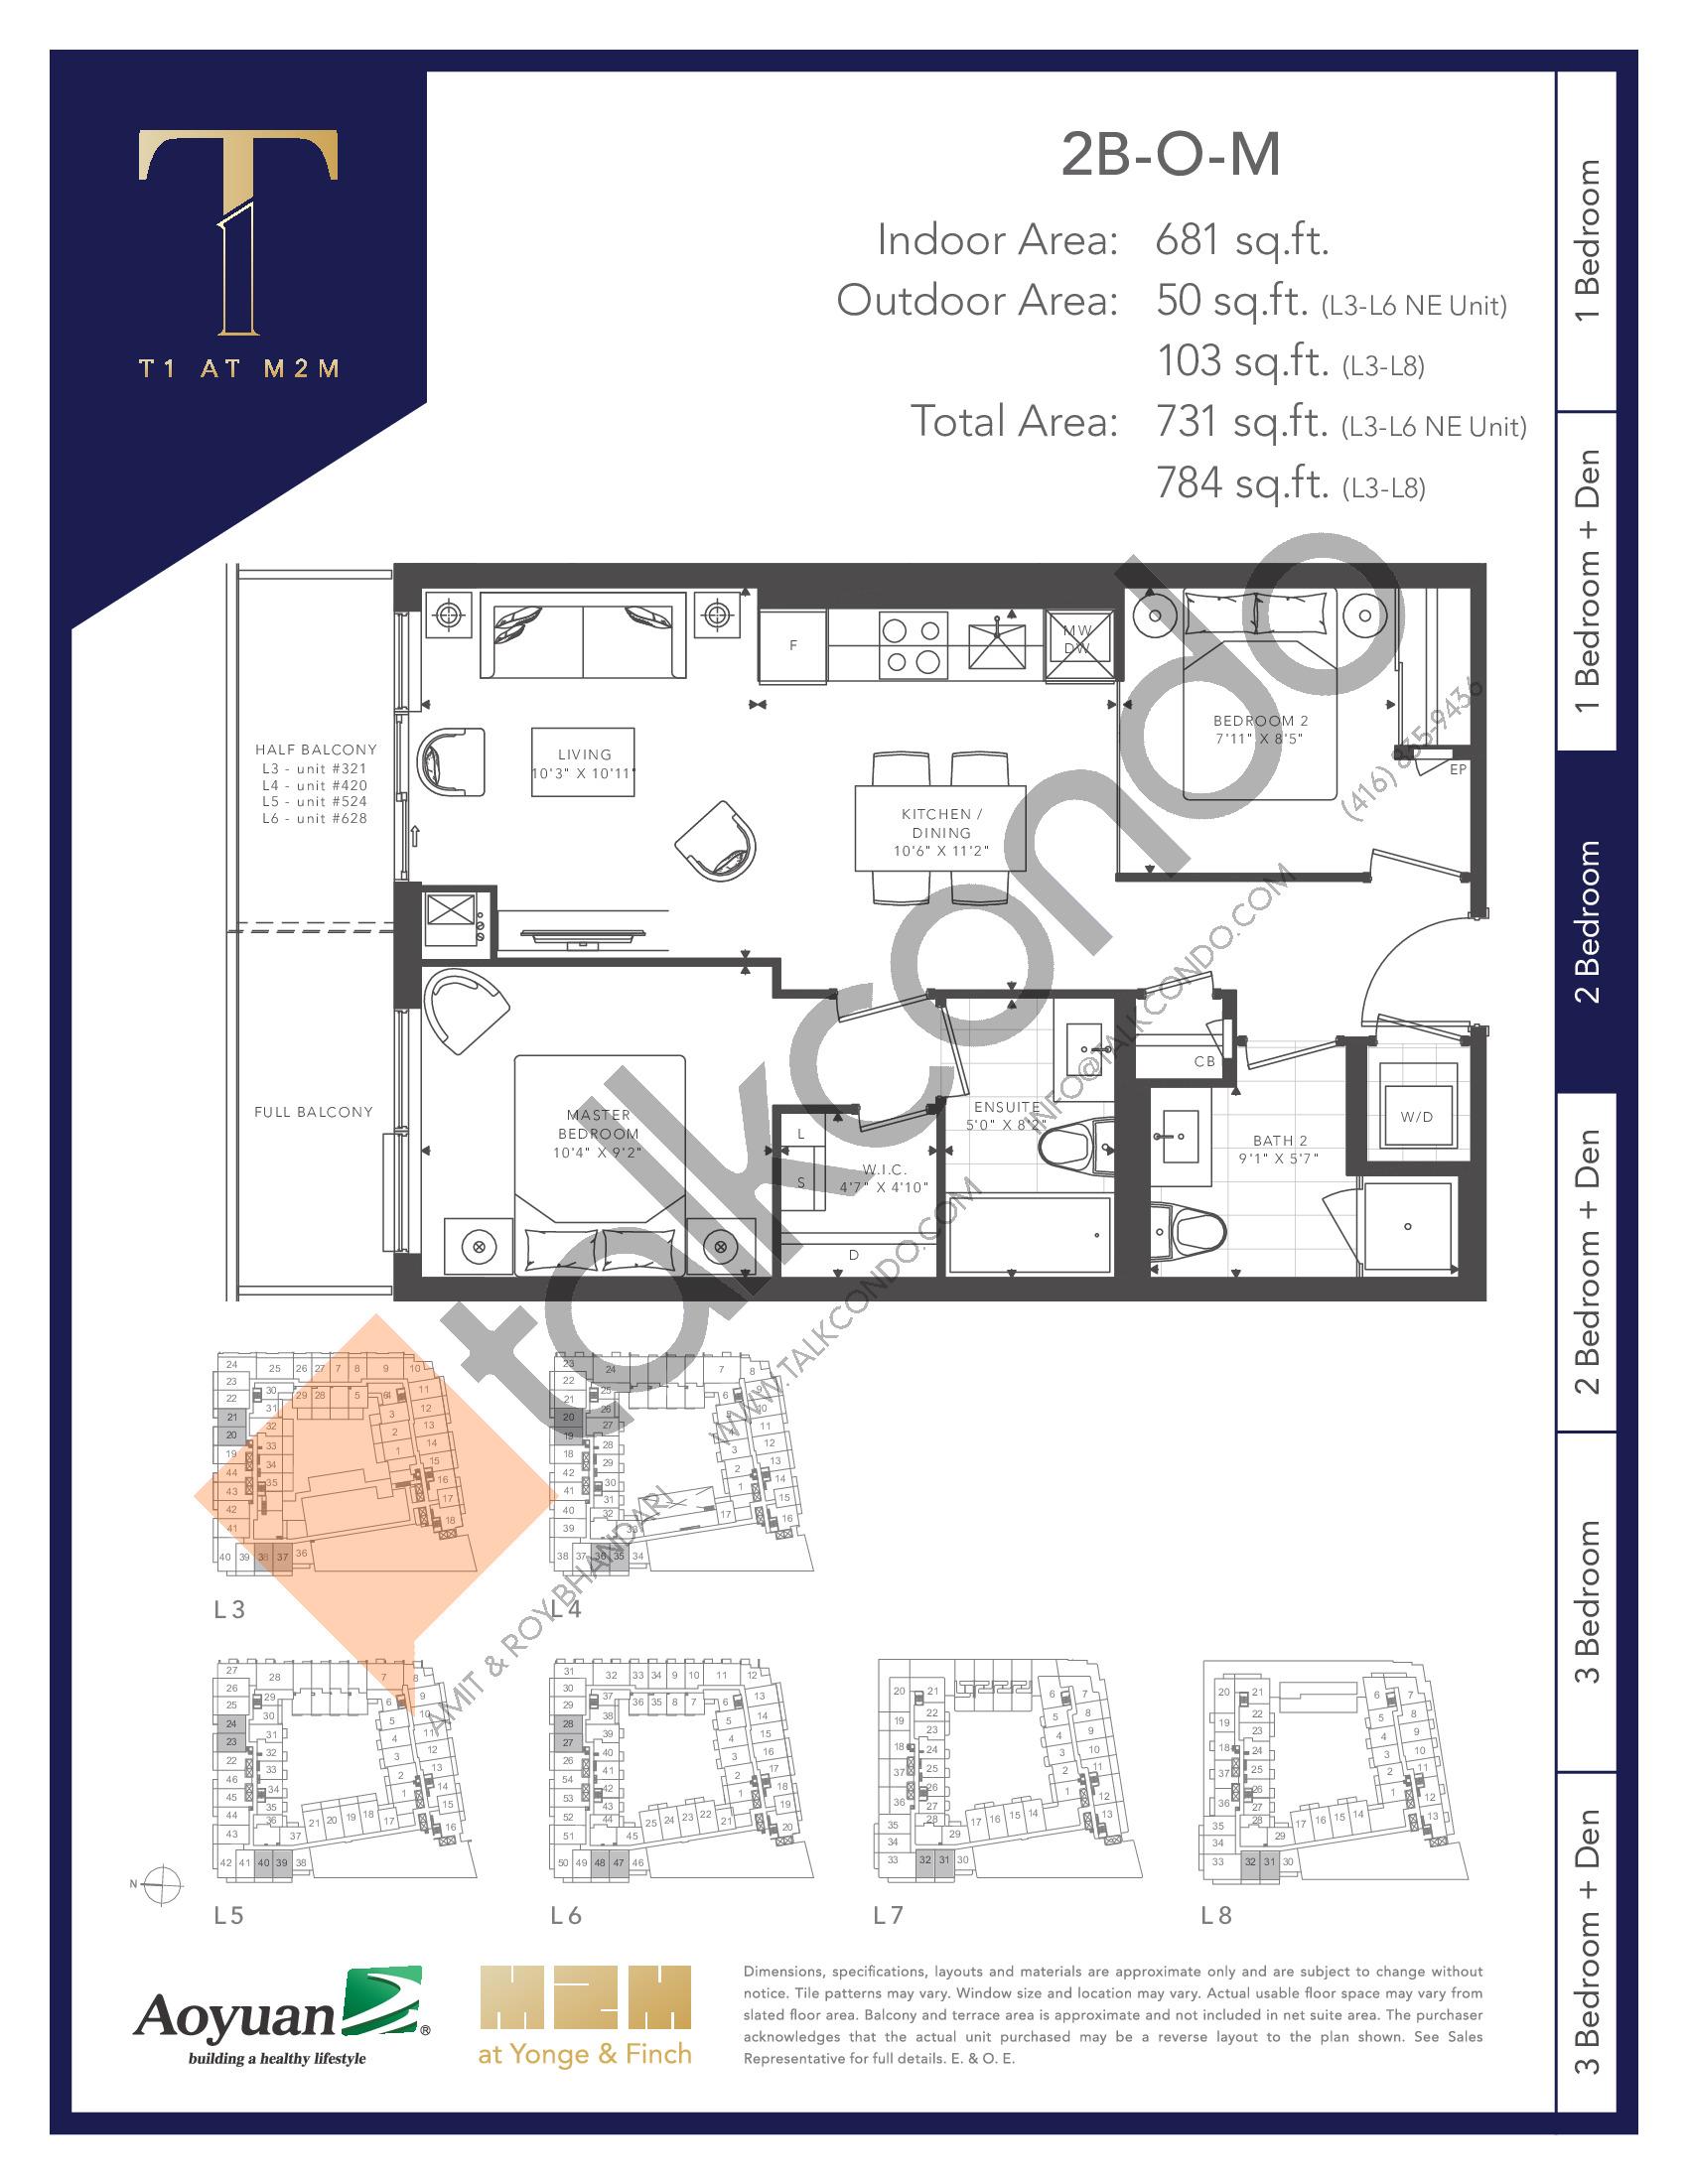 2B-O-M Floor Plan at T1 at M2M Condos - 681 sq.ft